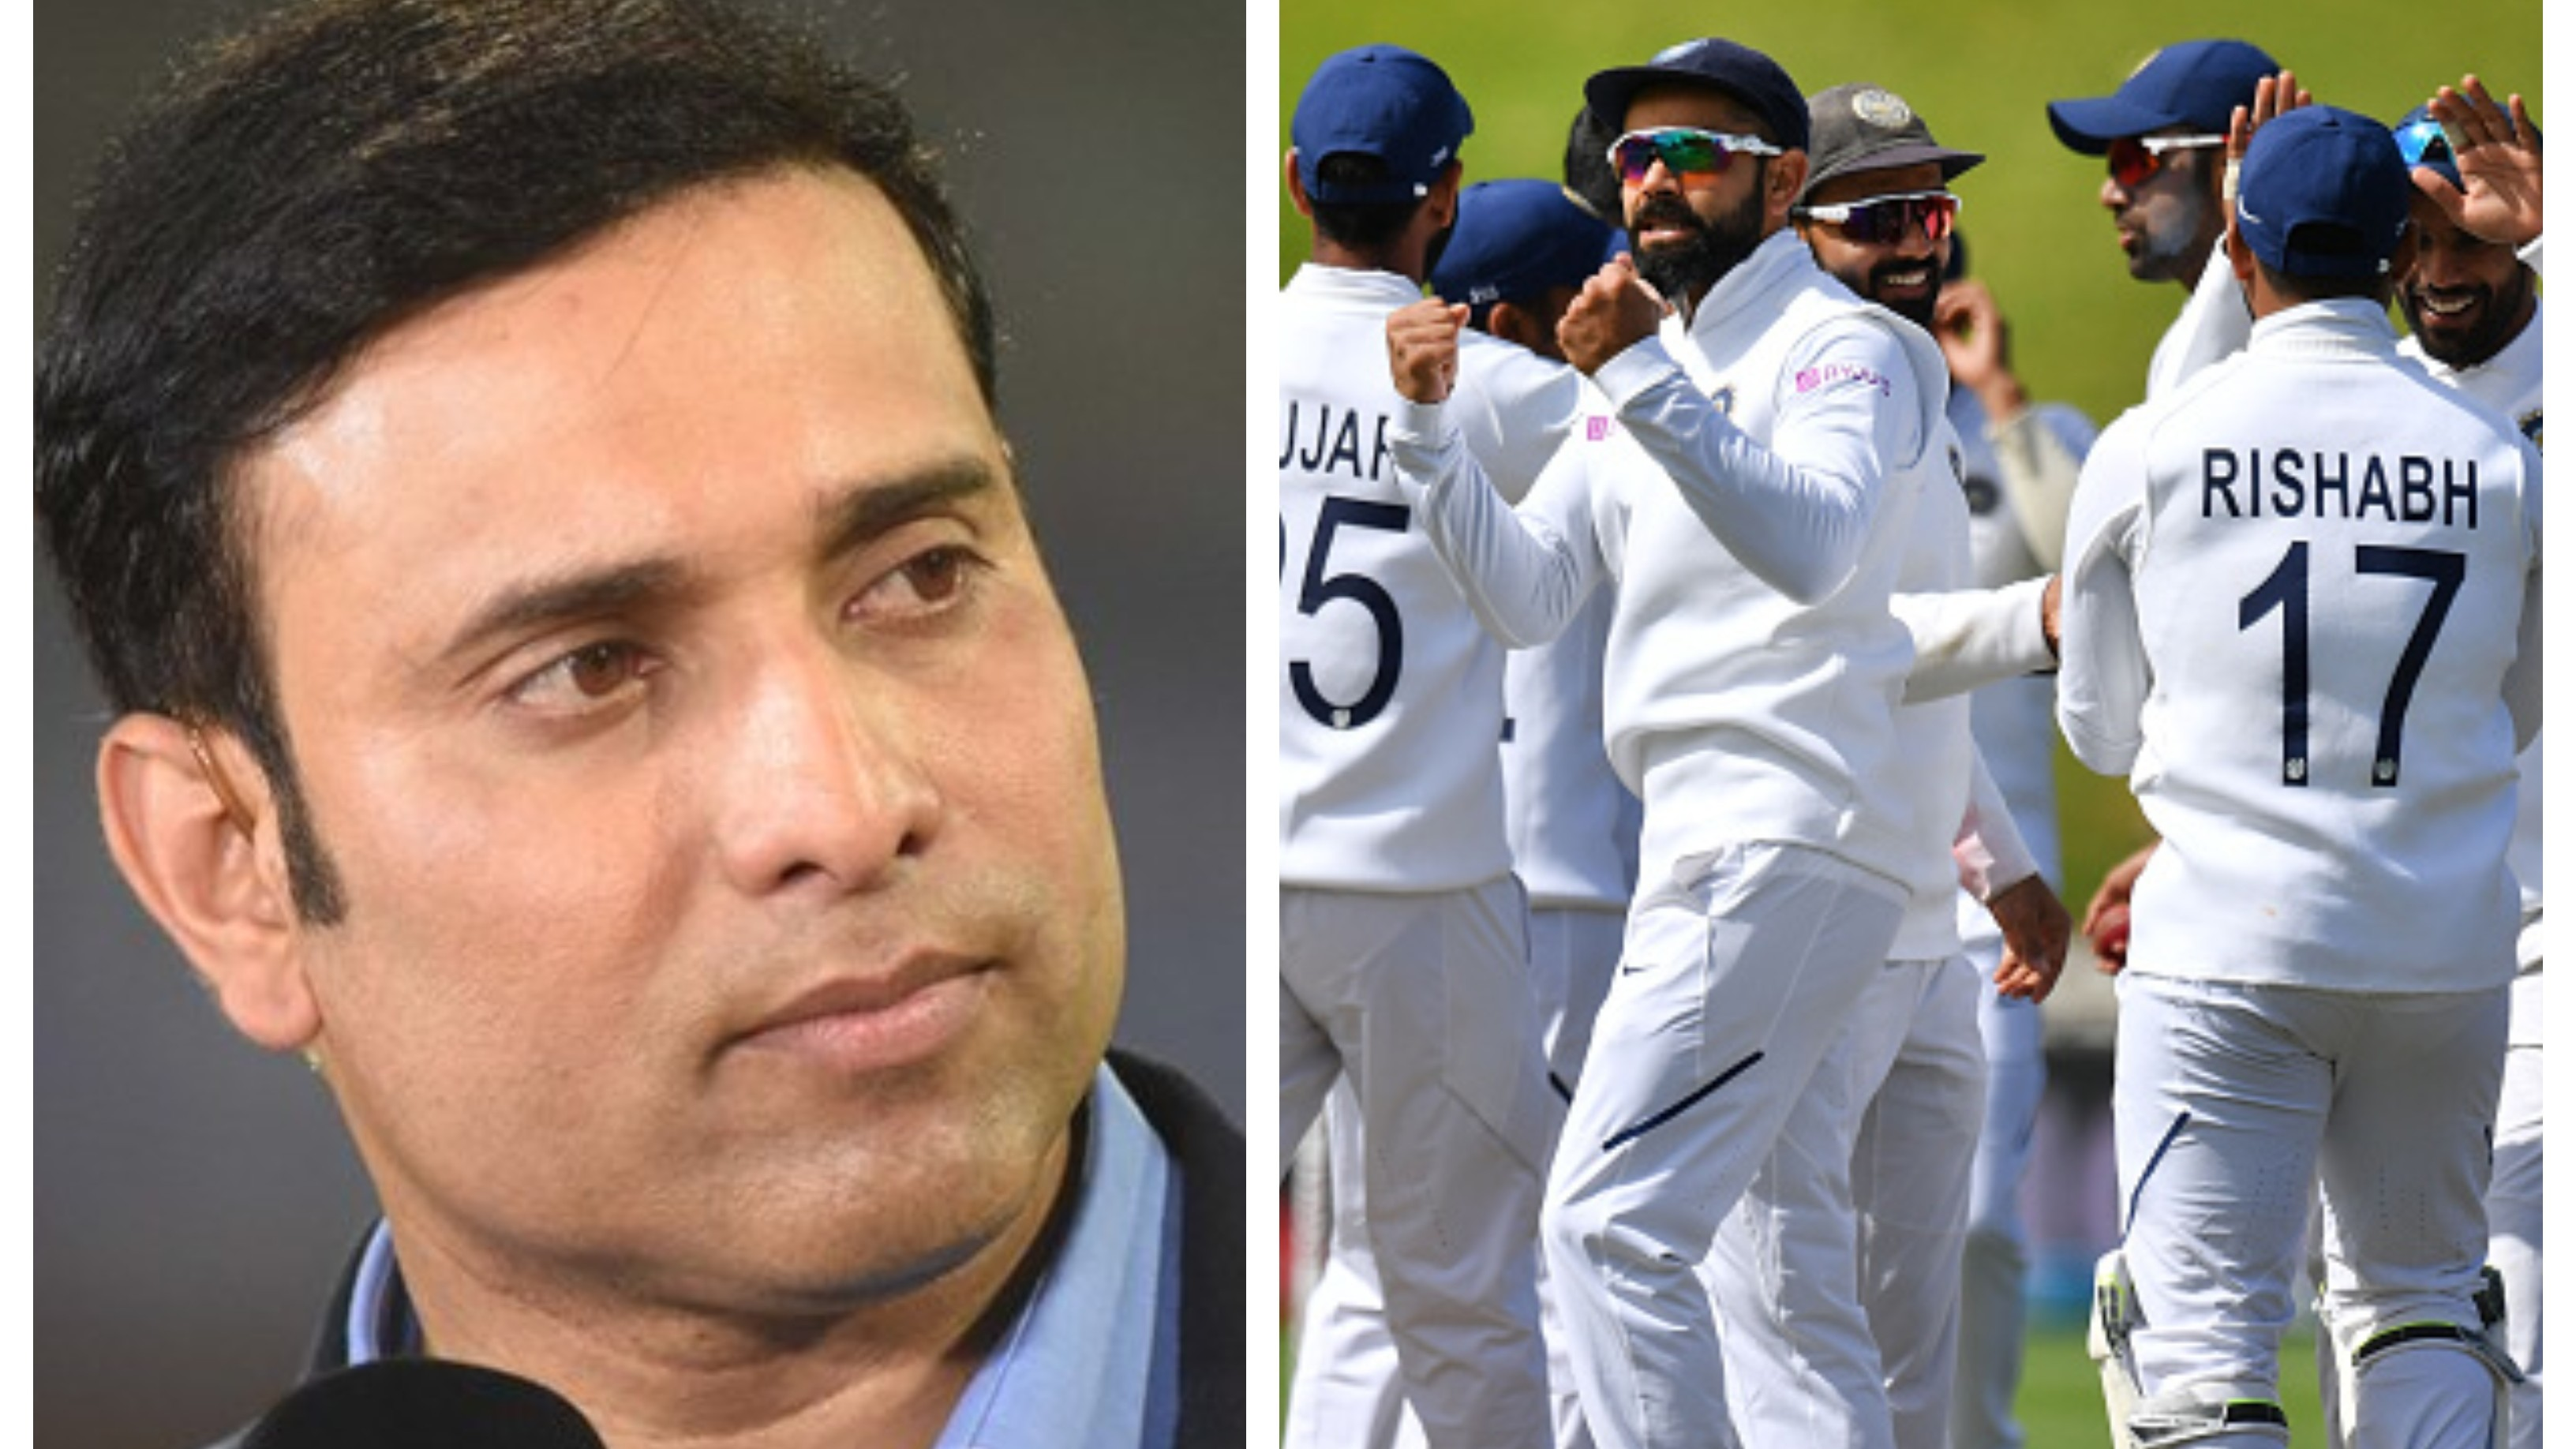 NZ v IND 2020: Laxman feels Kohli's